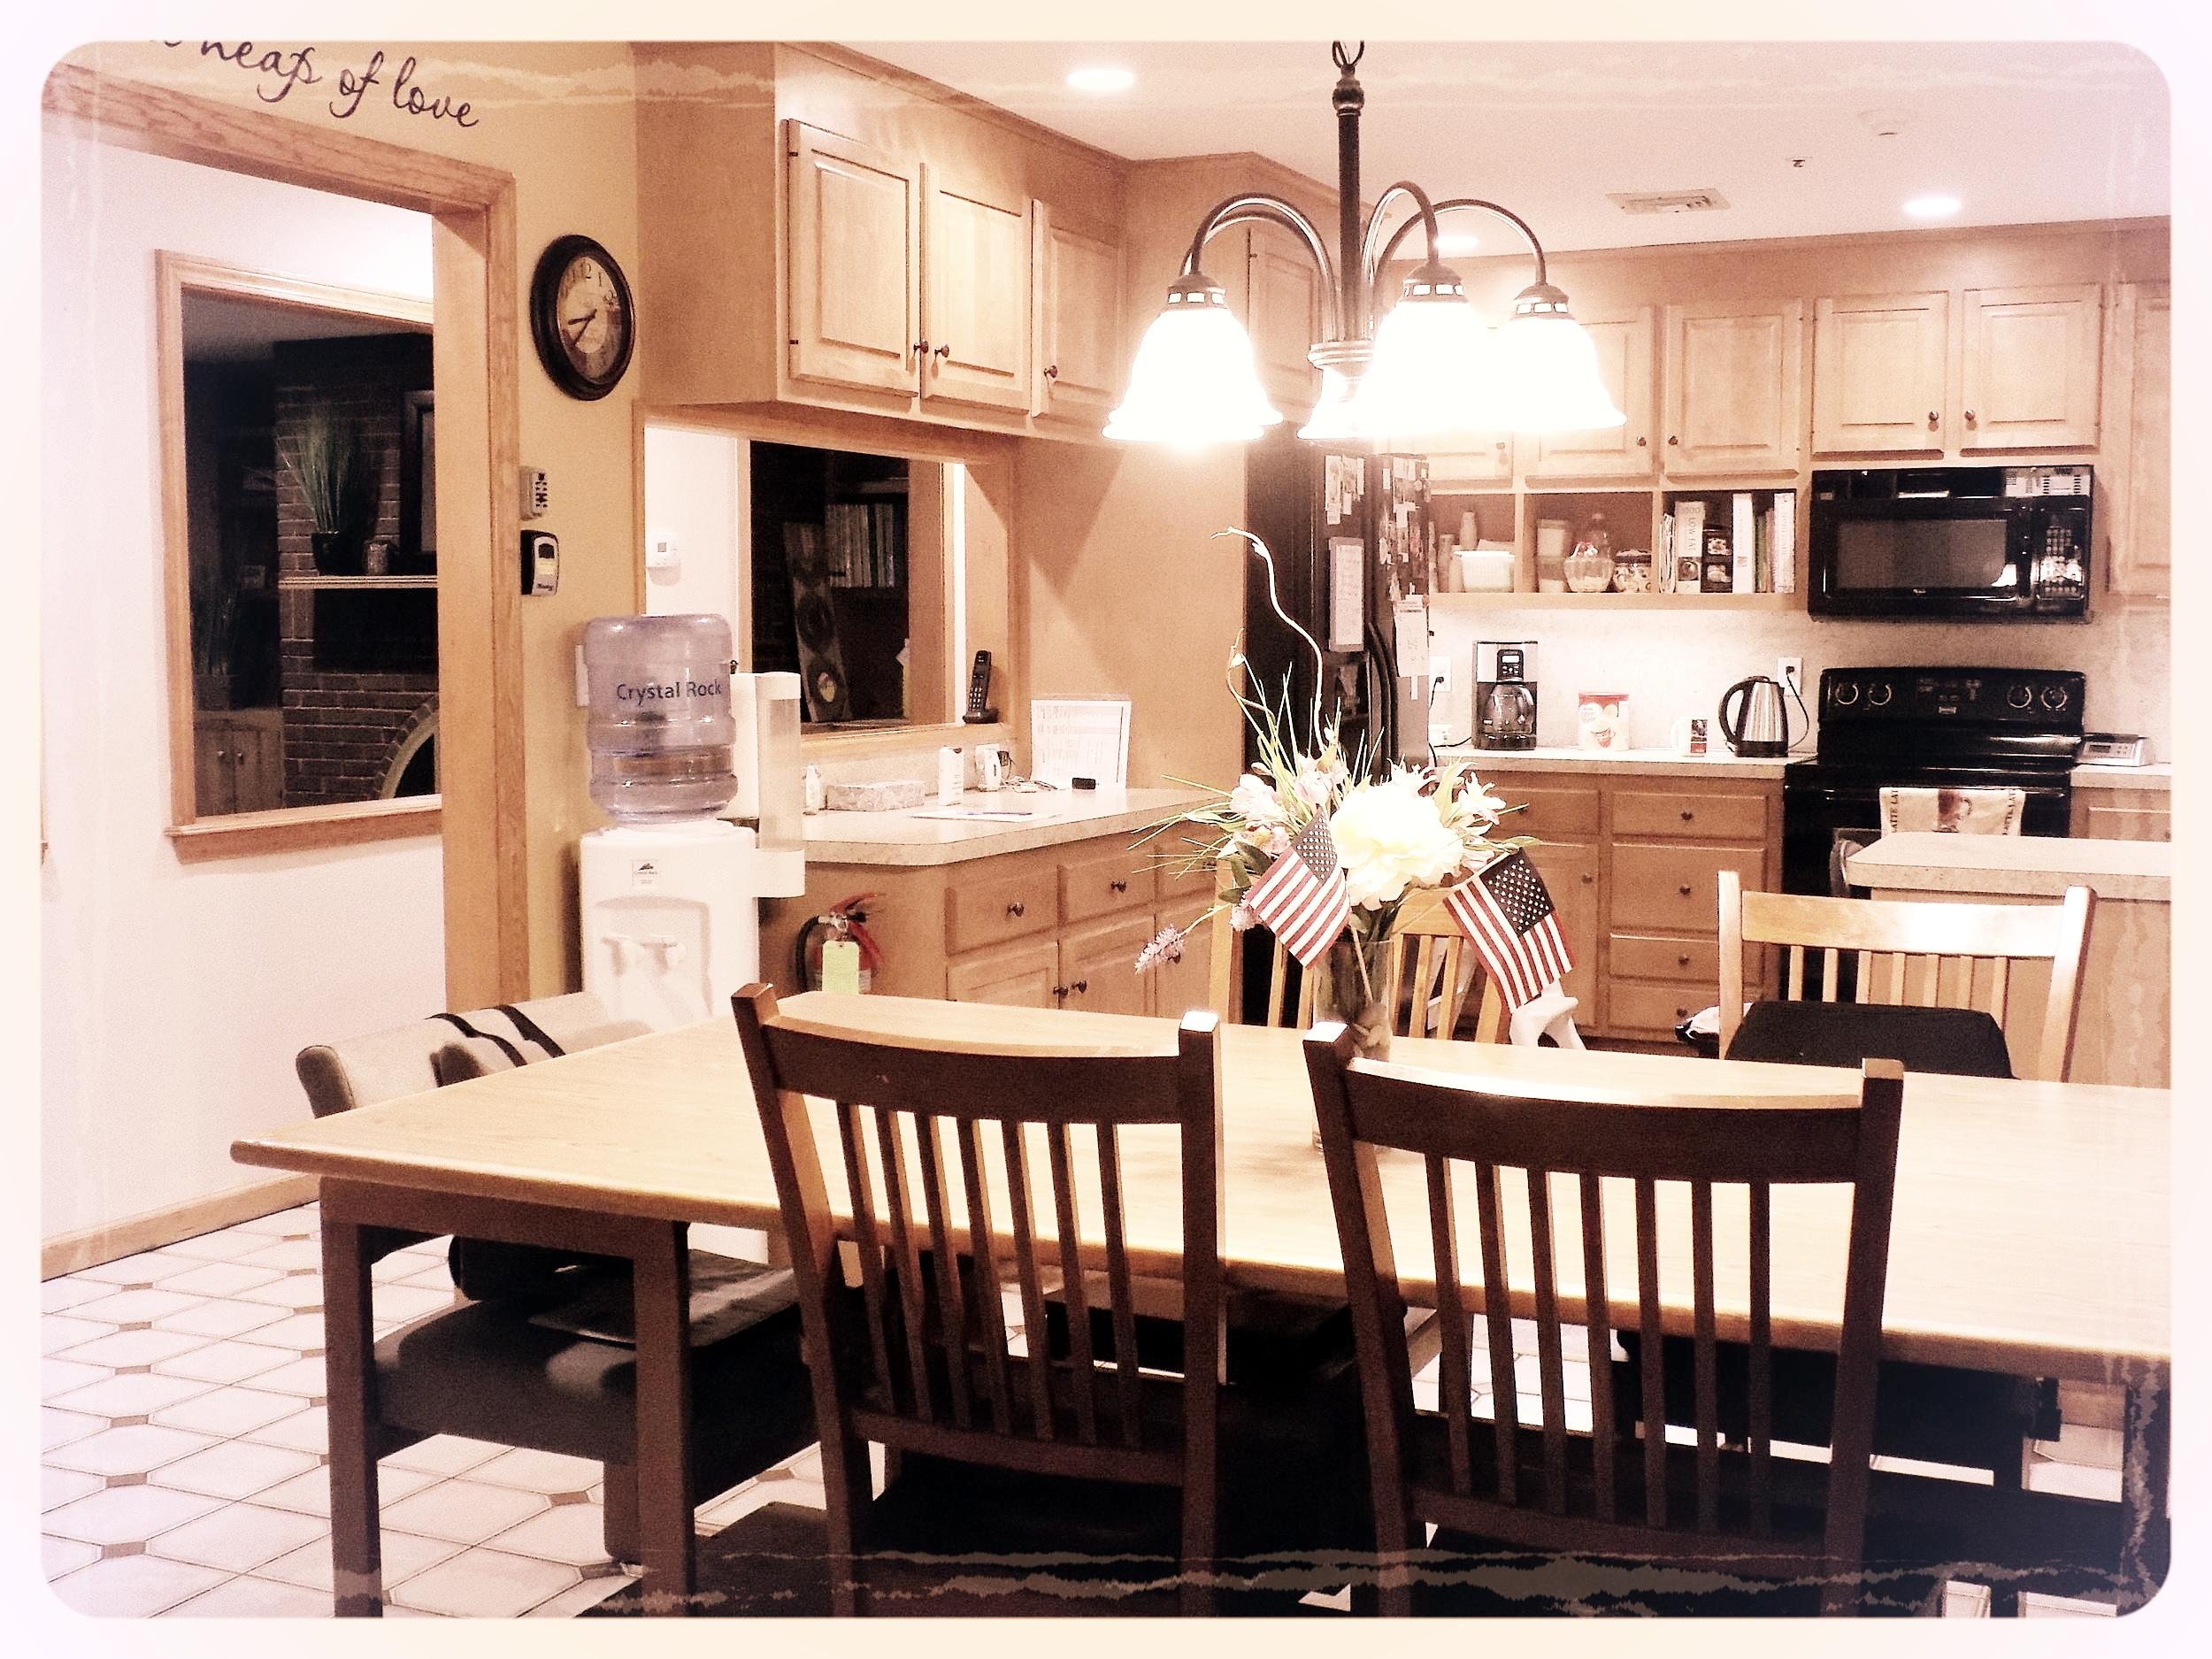 kitchen dining 109.JPG